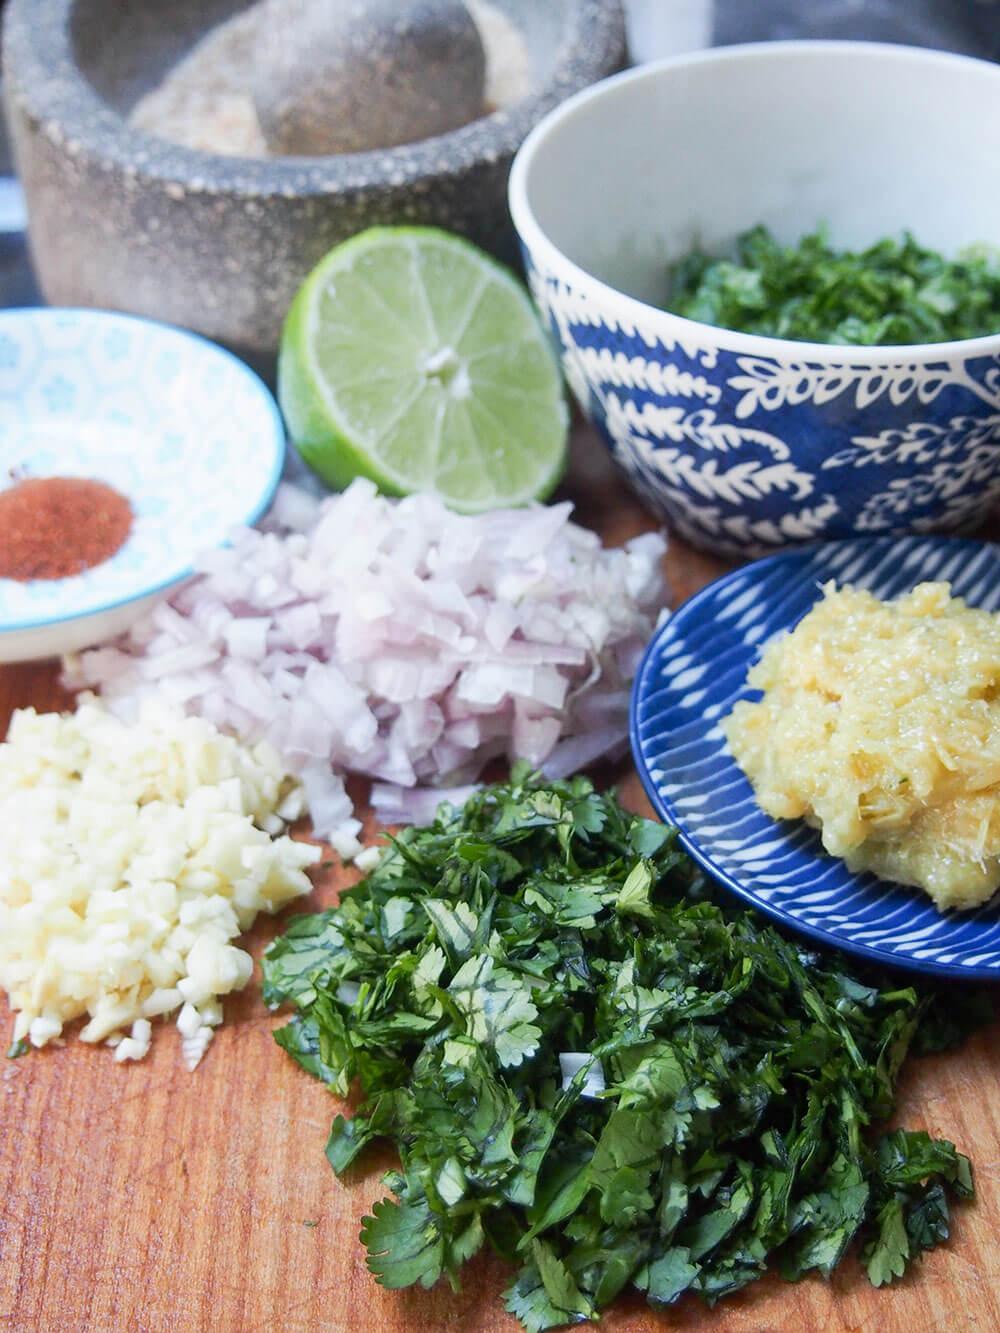 Larp (larb gai, Thai/Laos chicken salad) ingredients